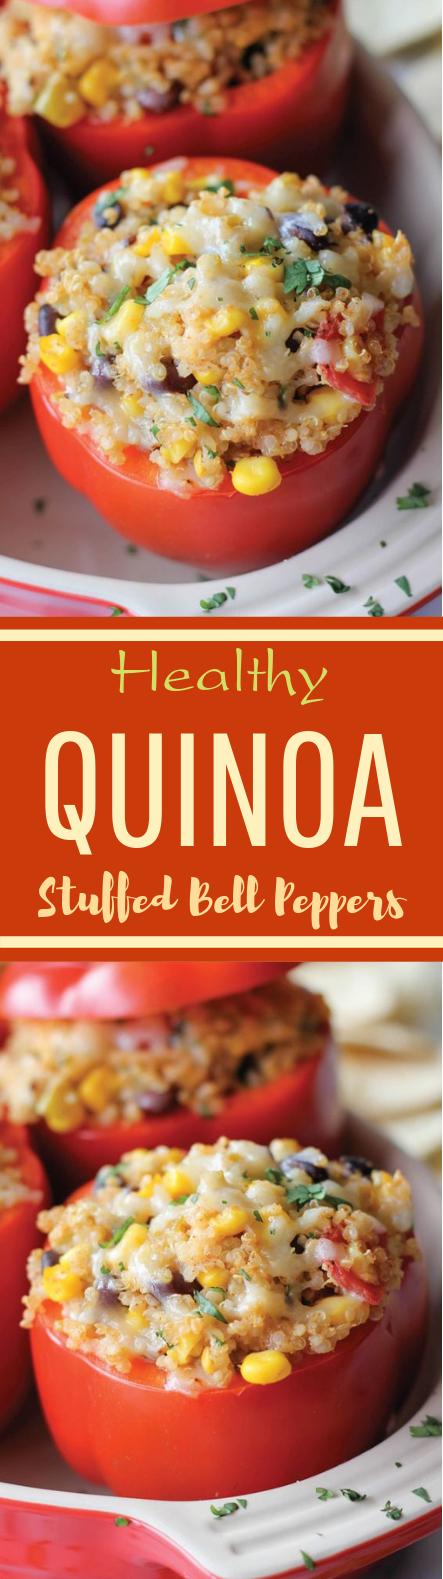 Quinoa Stuffed Bell Peppers #vegetarian #meatless